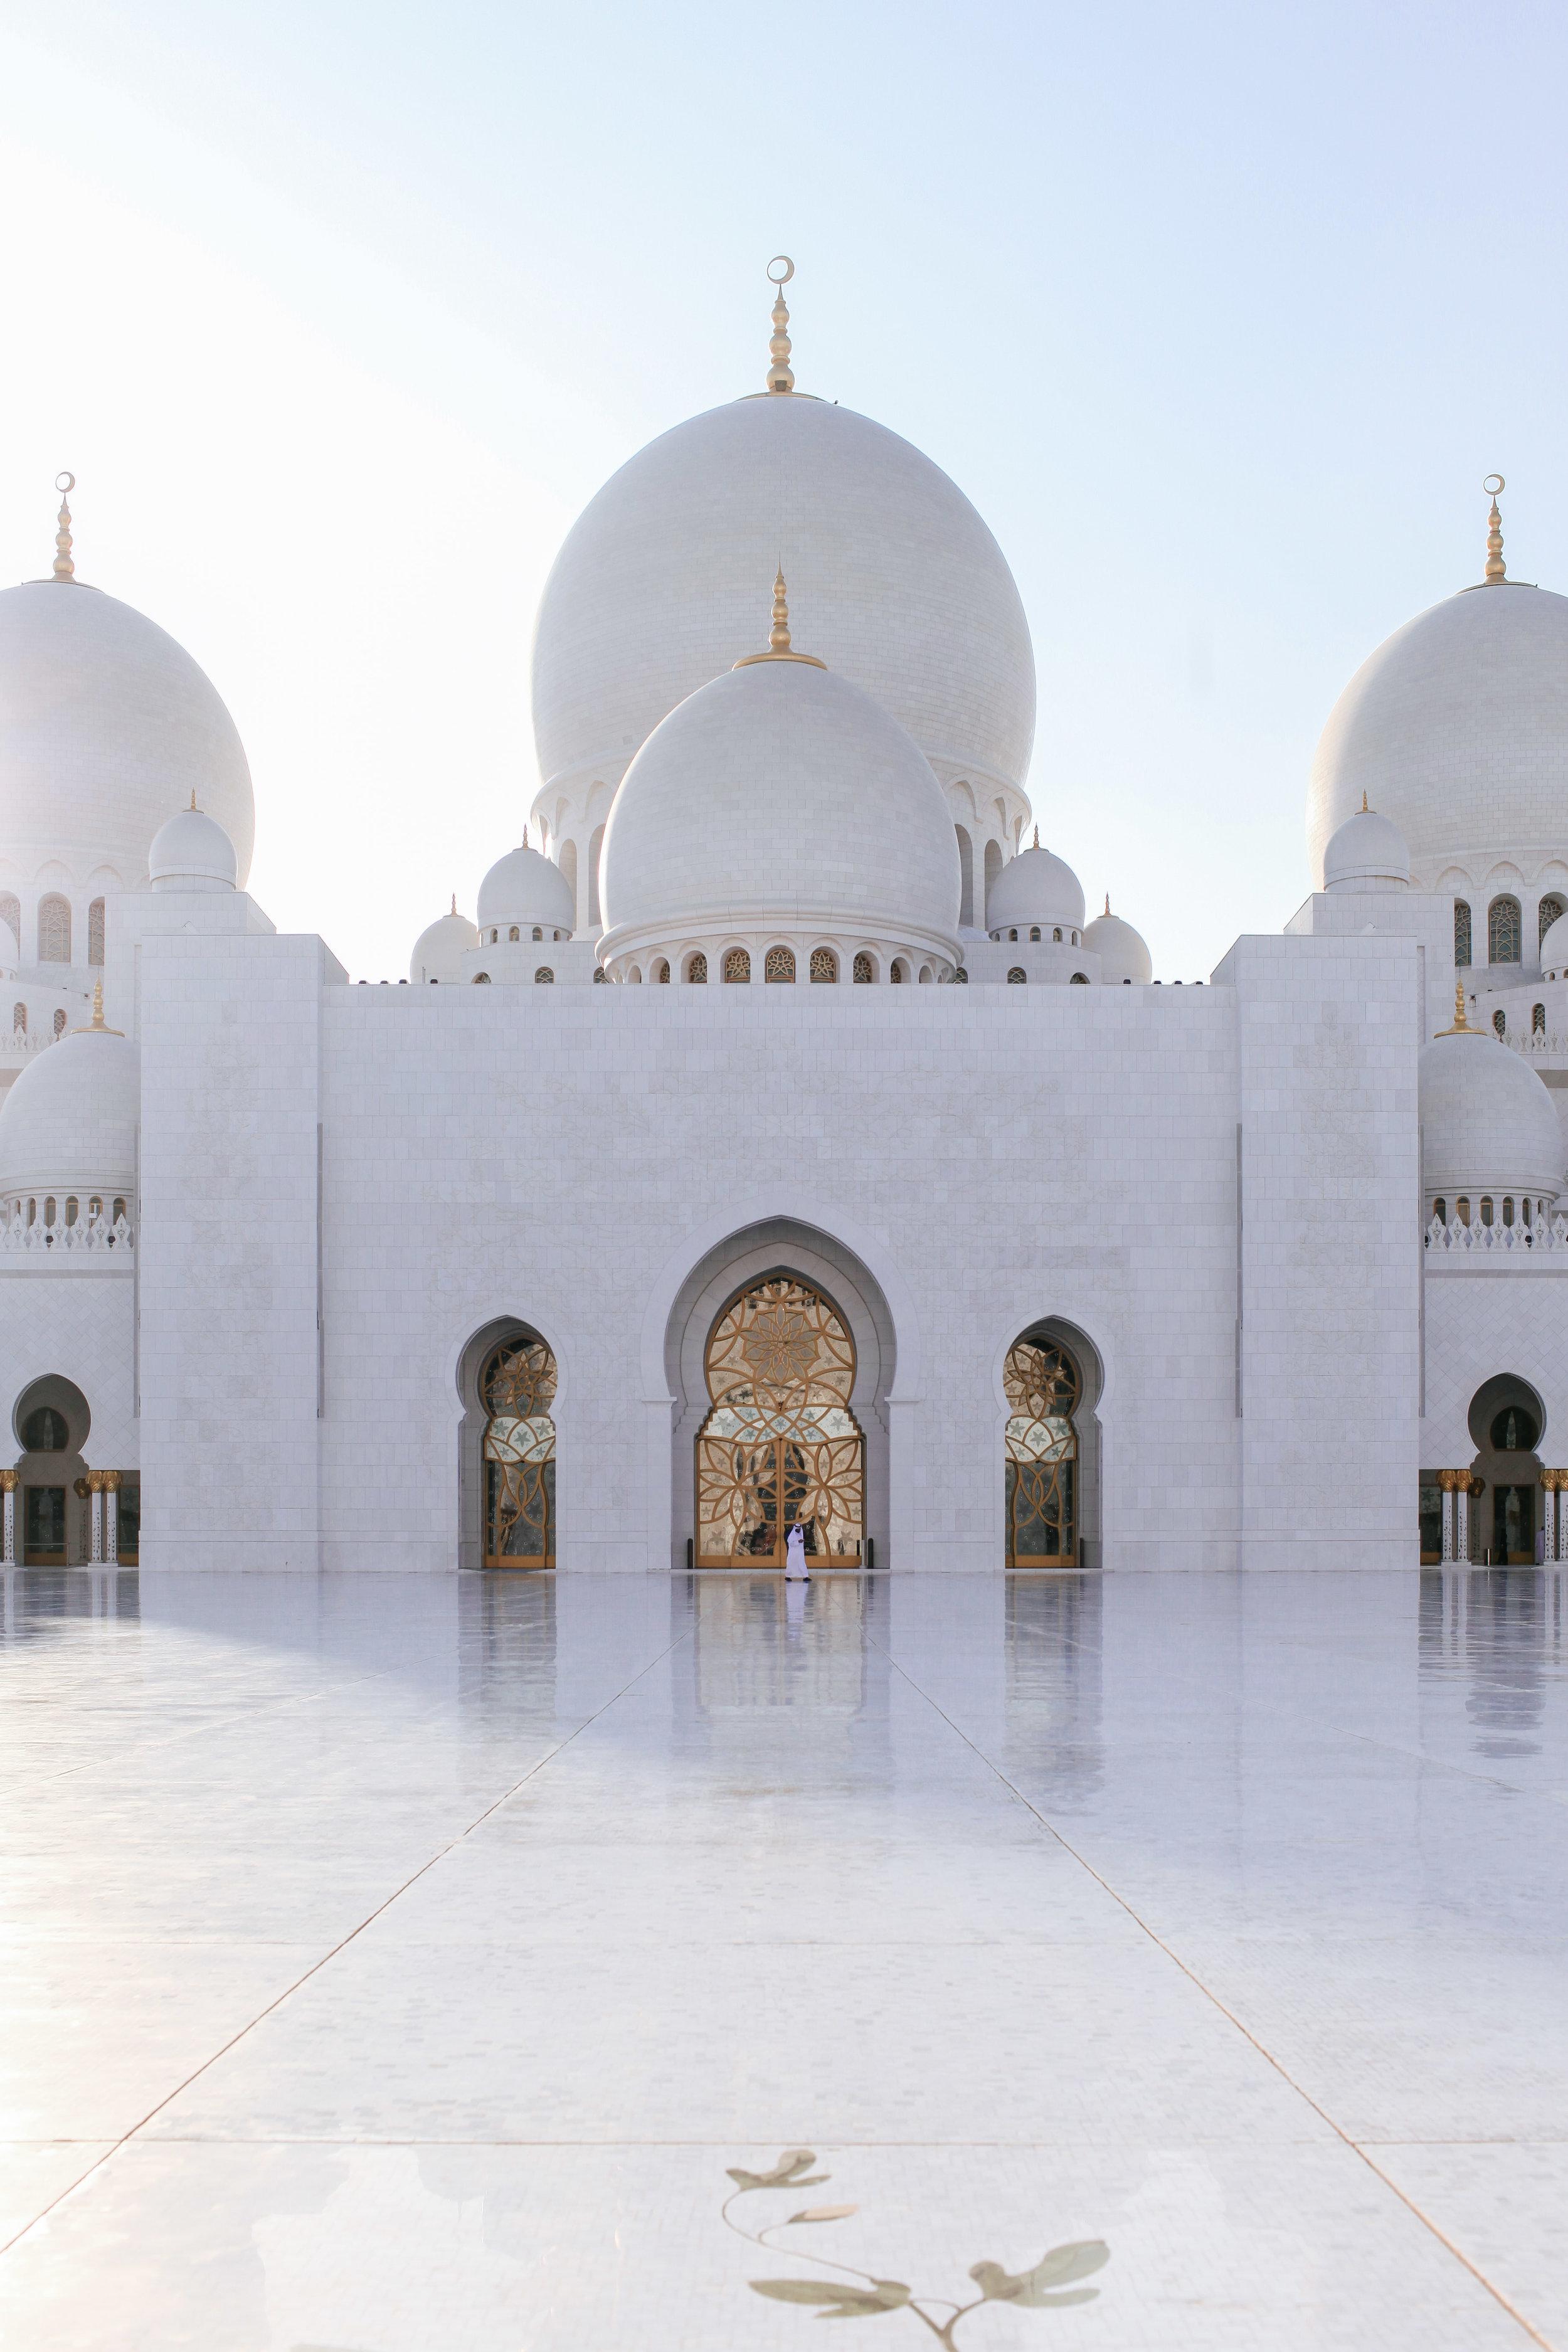 Weisser kalter Marmor im Morgenlicht vor der Moschee.Der Zauber des Orients.